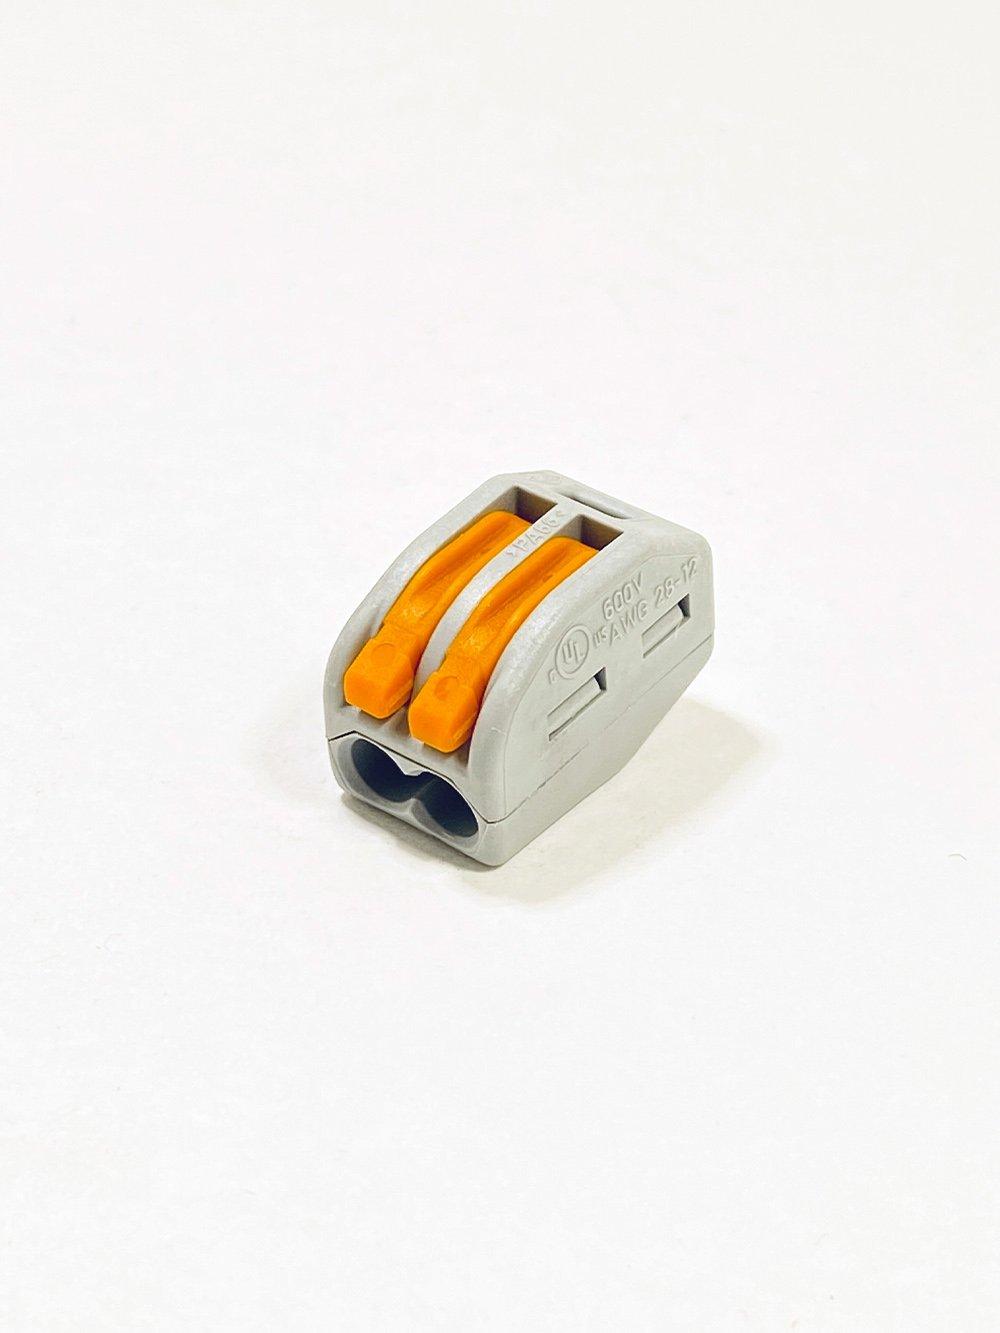 Клеммник WAGO 2-й (0,08-2,5 мм) флажковый